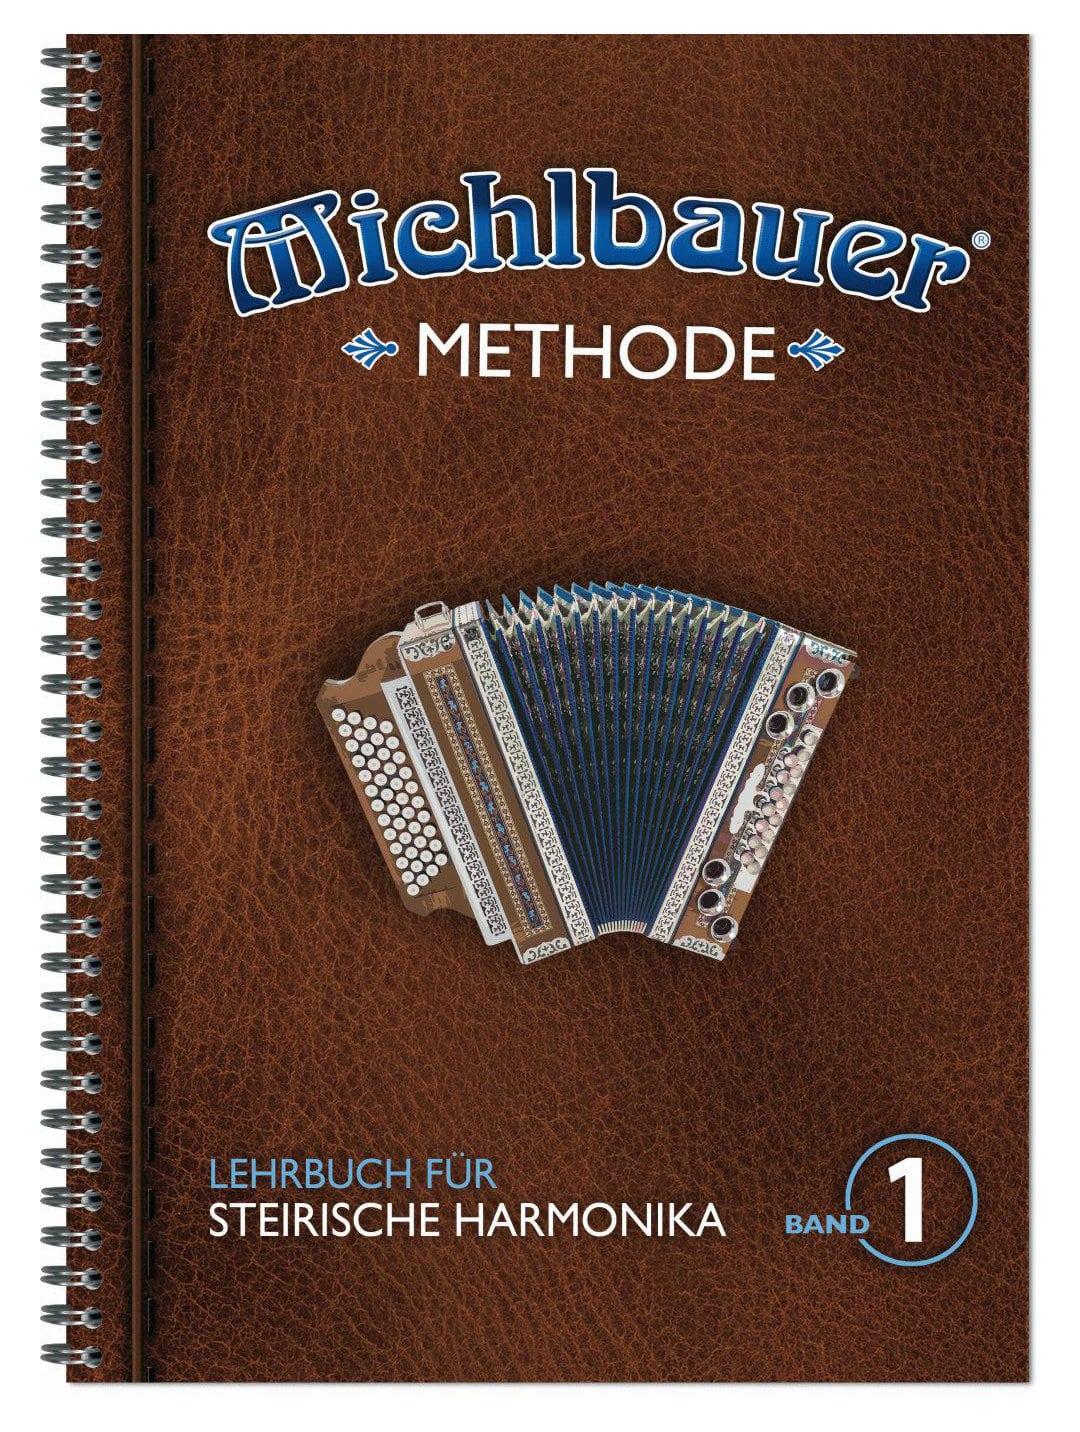 Akkordeonlernen - Michlbauer Steirische Harmonika Methode 1 - Onlineshop Musikhaus Kirstein